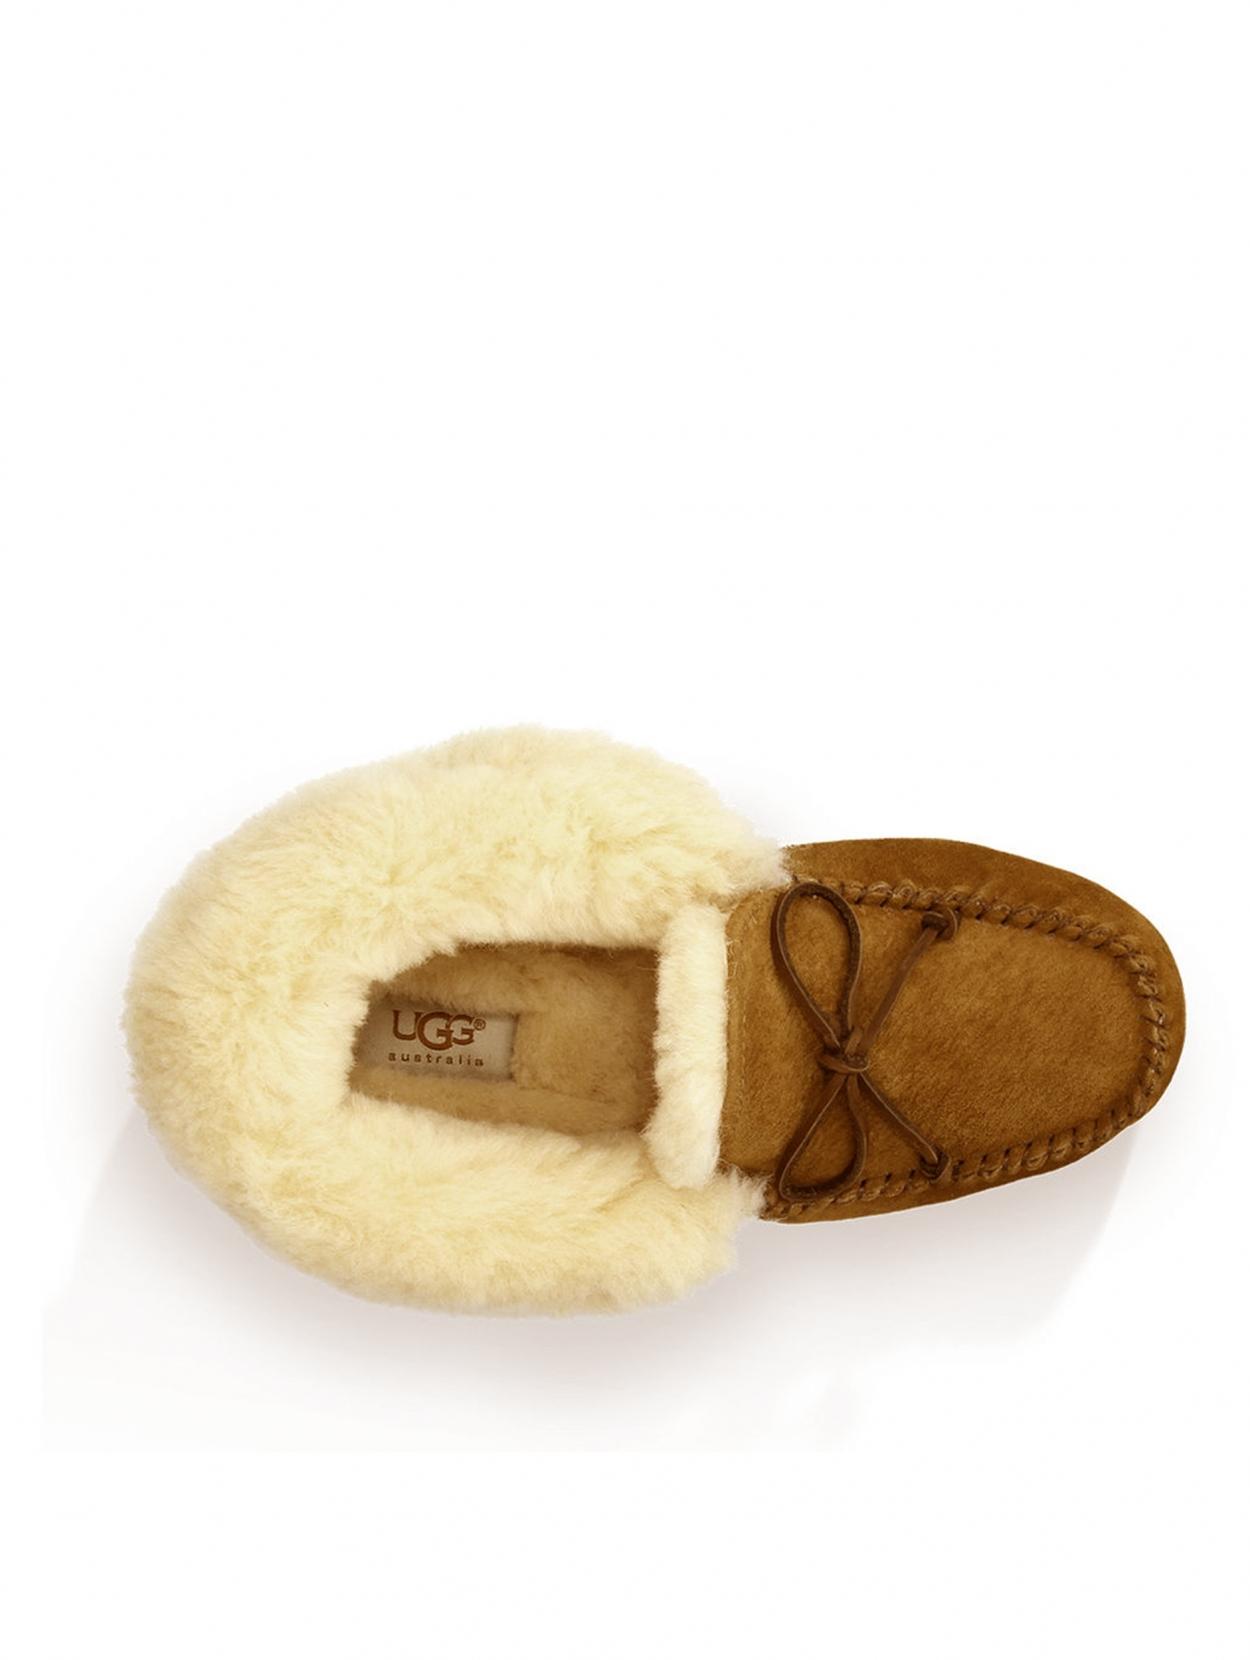 Bedroom Athletics Sienna Slipper Boots